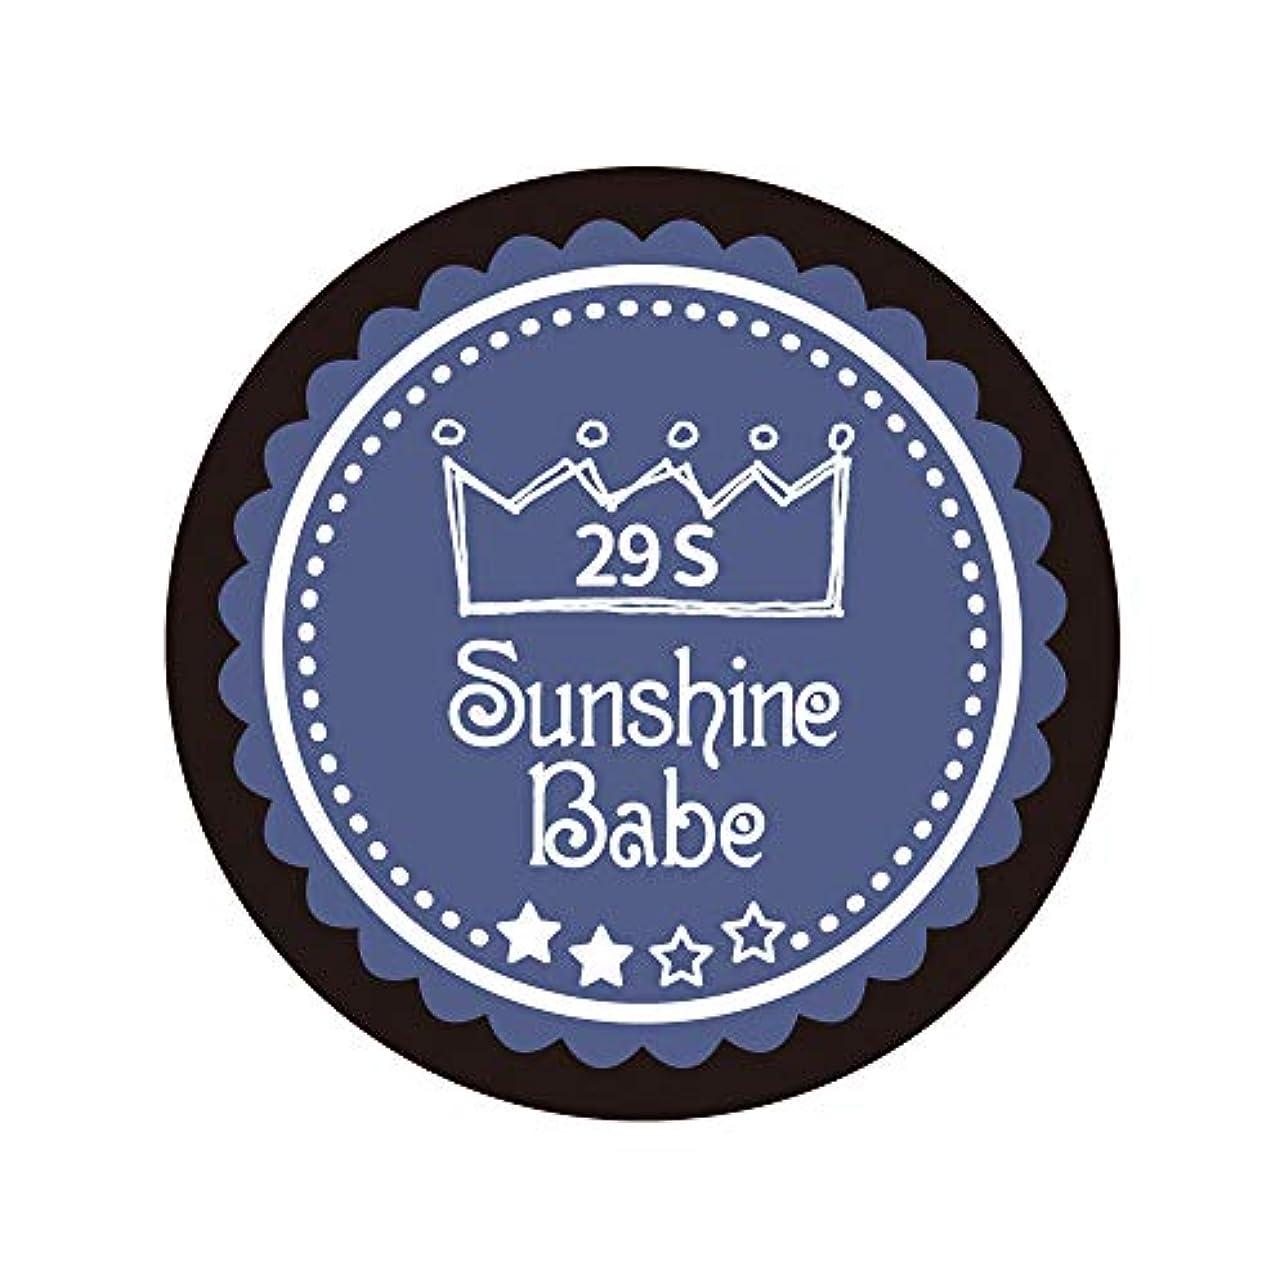 祭りアラブサイドボードSunshine Babe カラージェル 29S ネイビーグレー 2.7g UV/LED対応